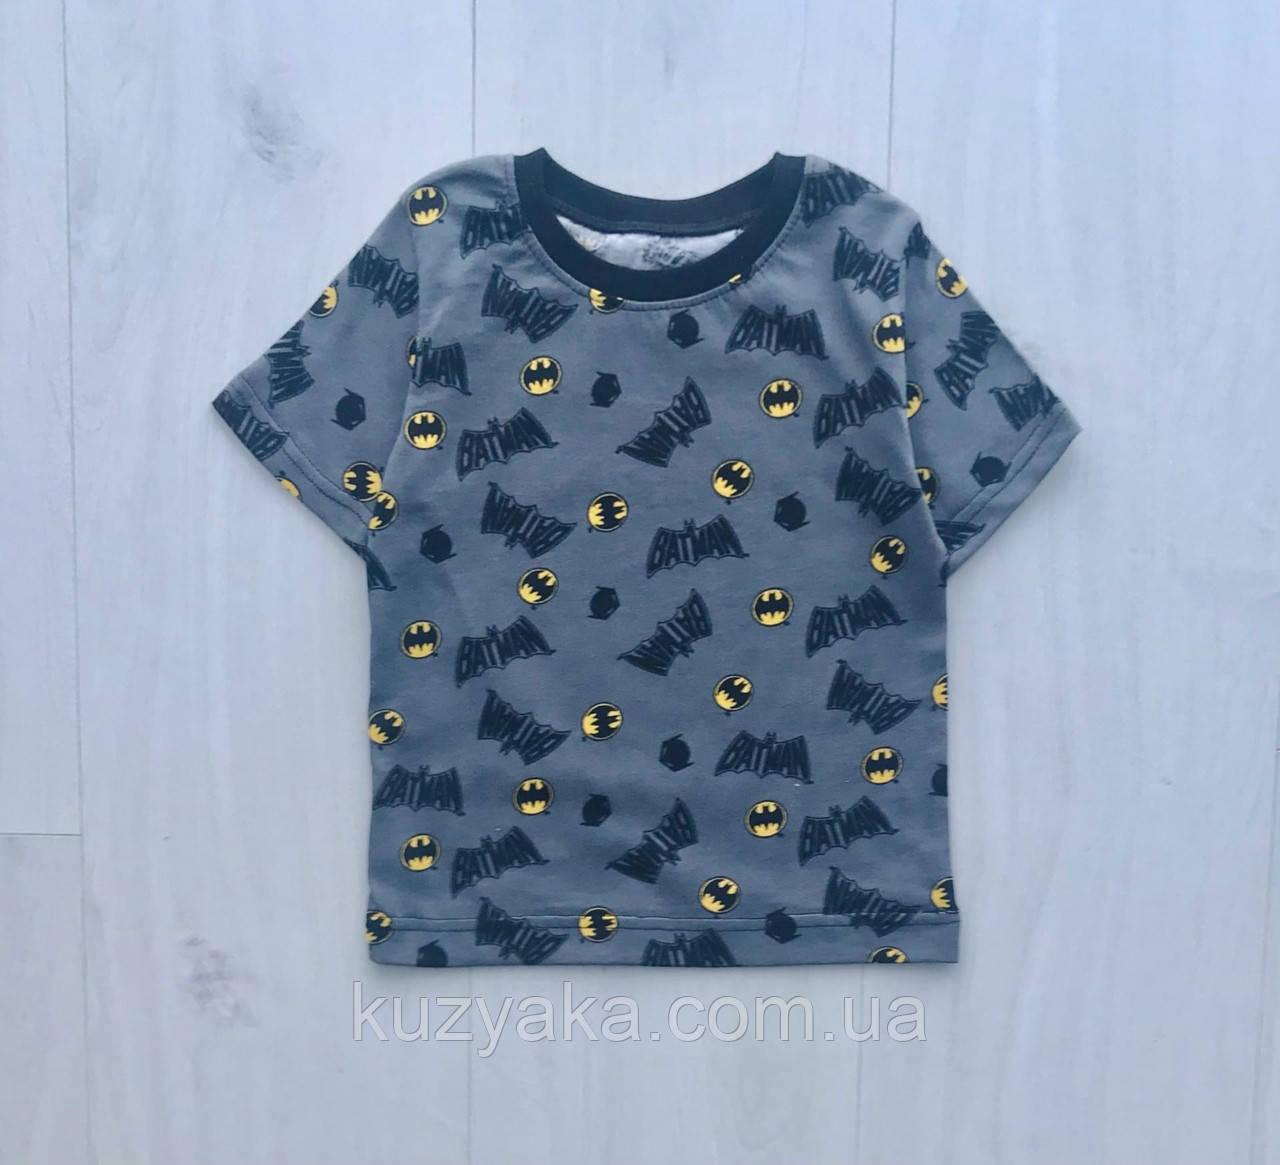 Детская футболка Бетмен для мальчика на рост 86-128 см